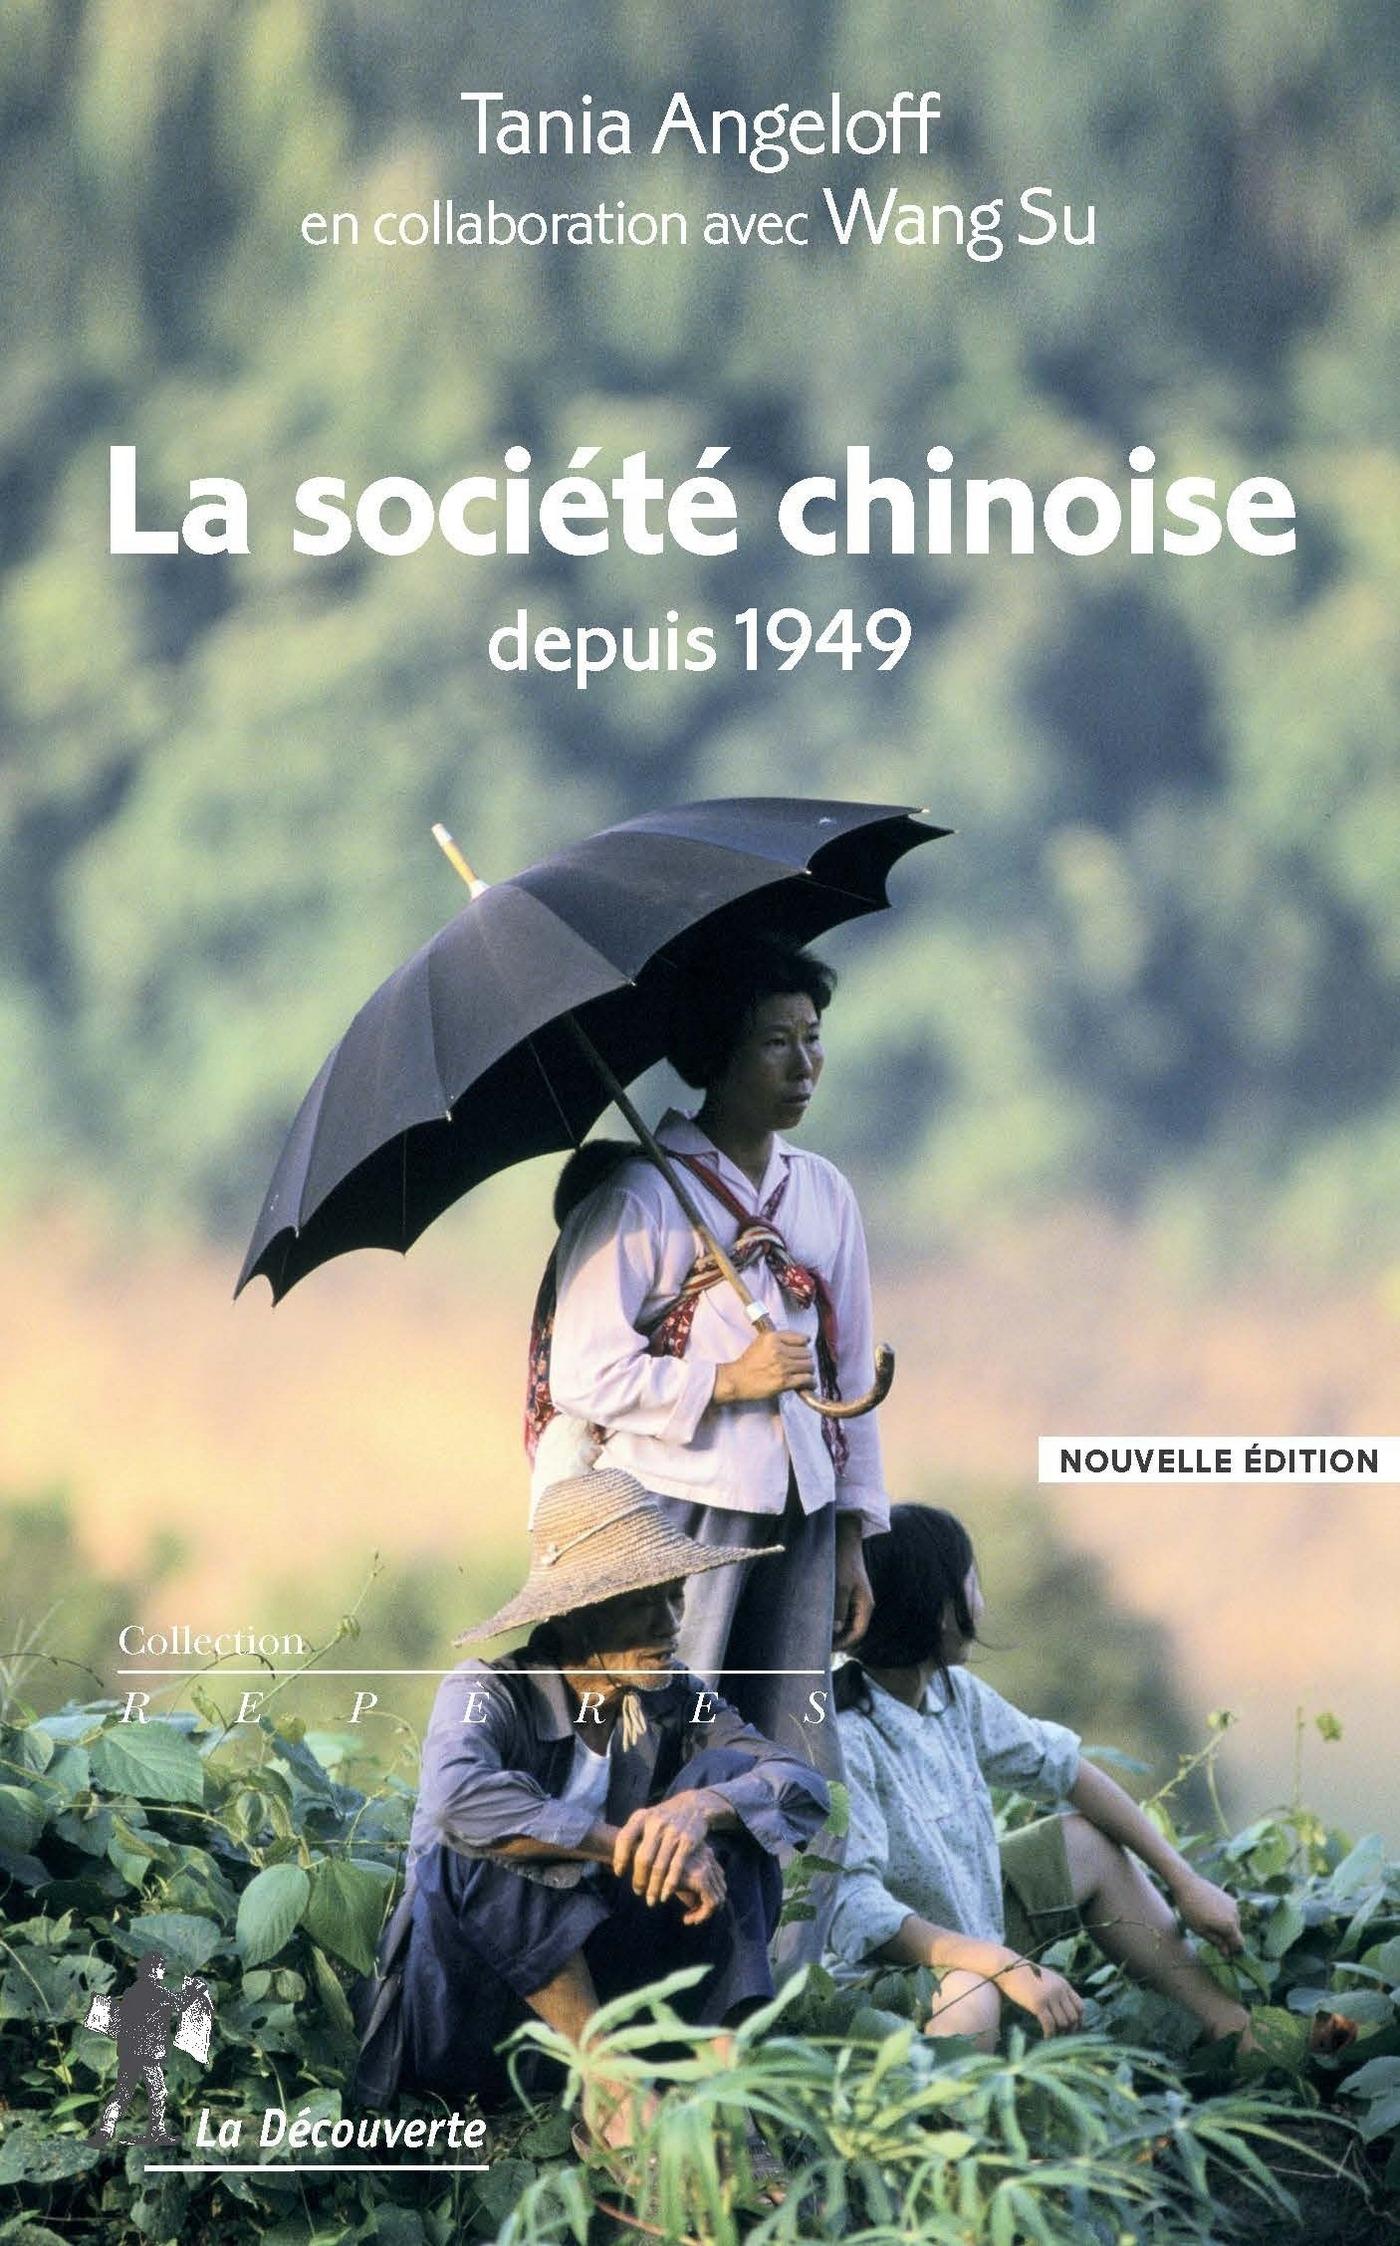 La société chinoise depuis 1949